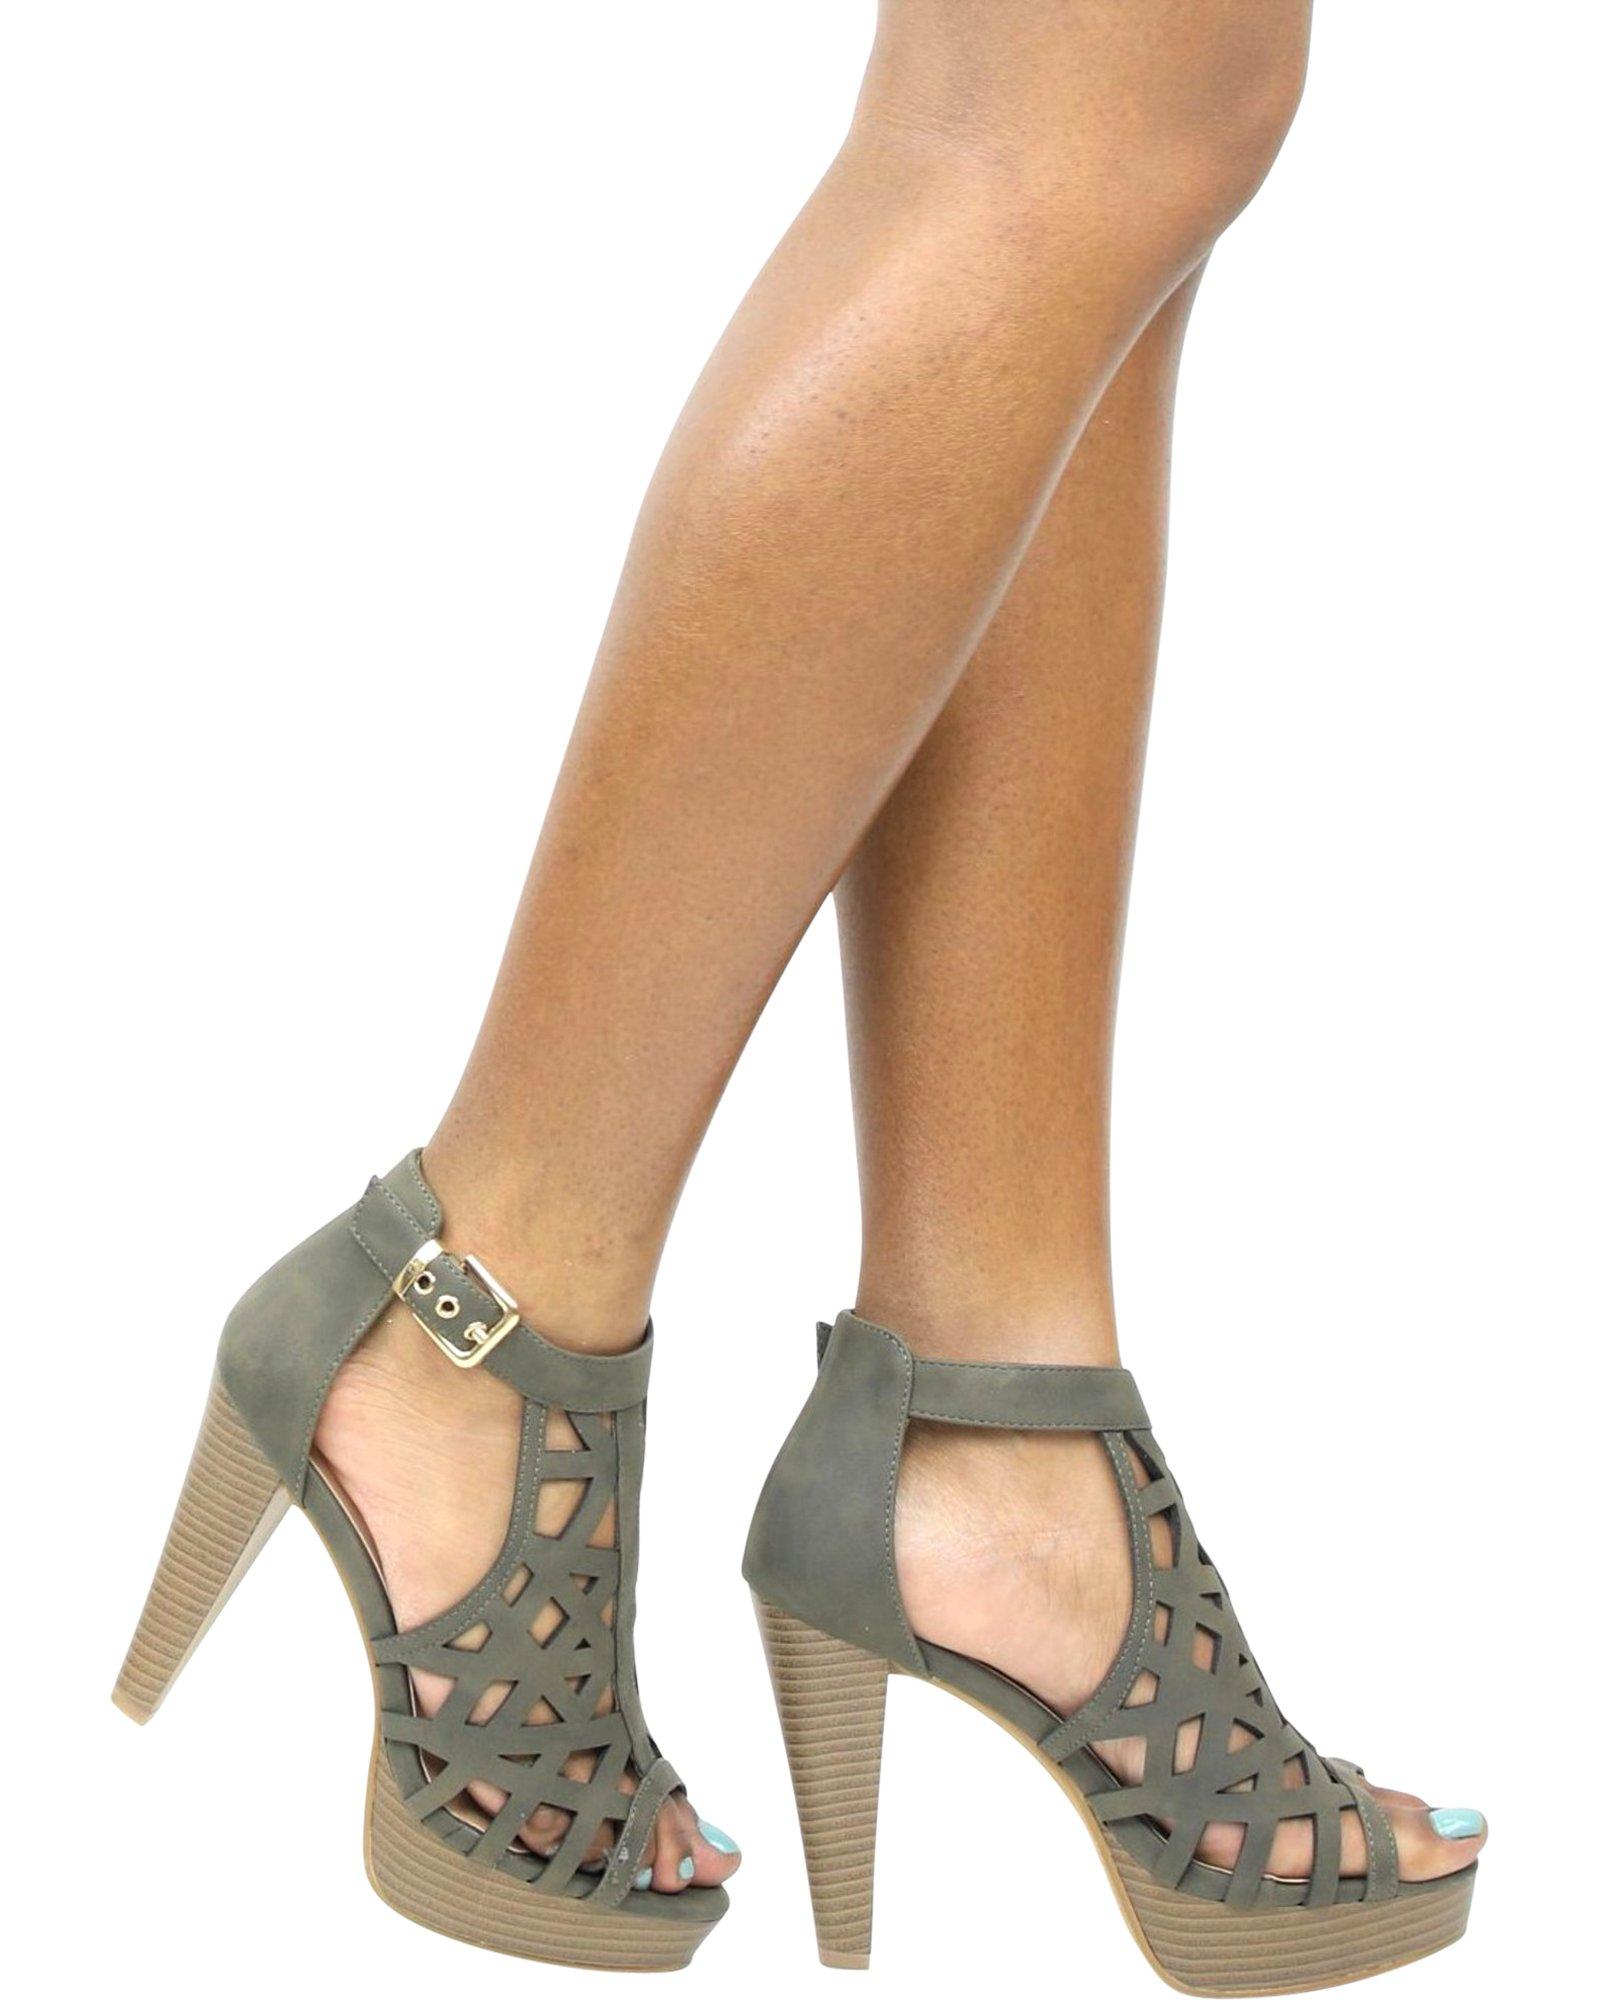 Top Moda Women's BONICA Hi-Platform Heel,Olive,5